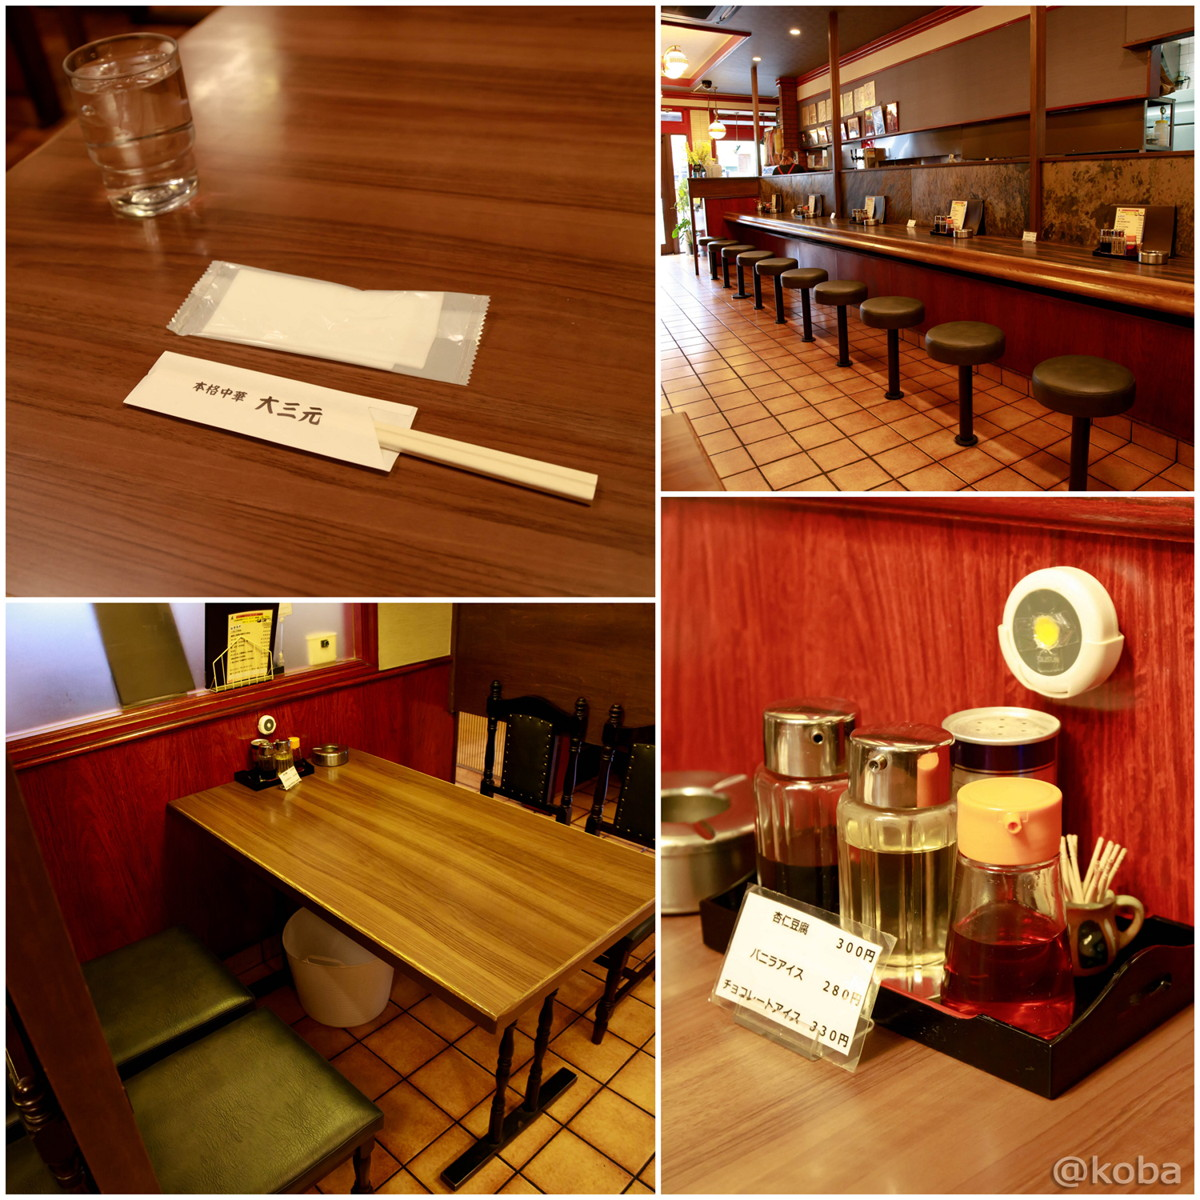 内観写真 東京 新小岩 大三元(だいさんげん) 中国料理│こばフォトブログ